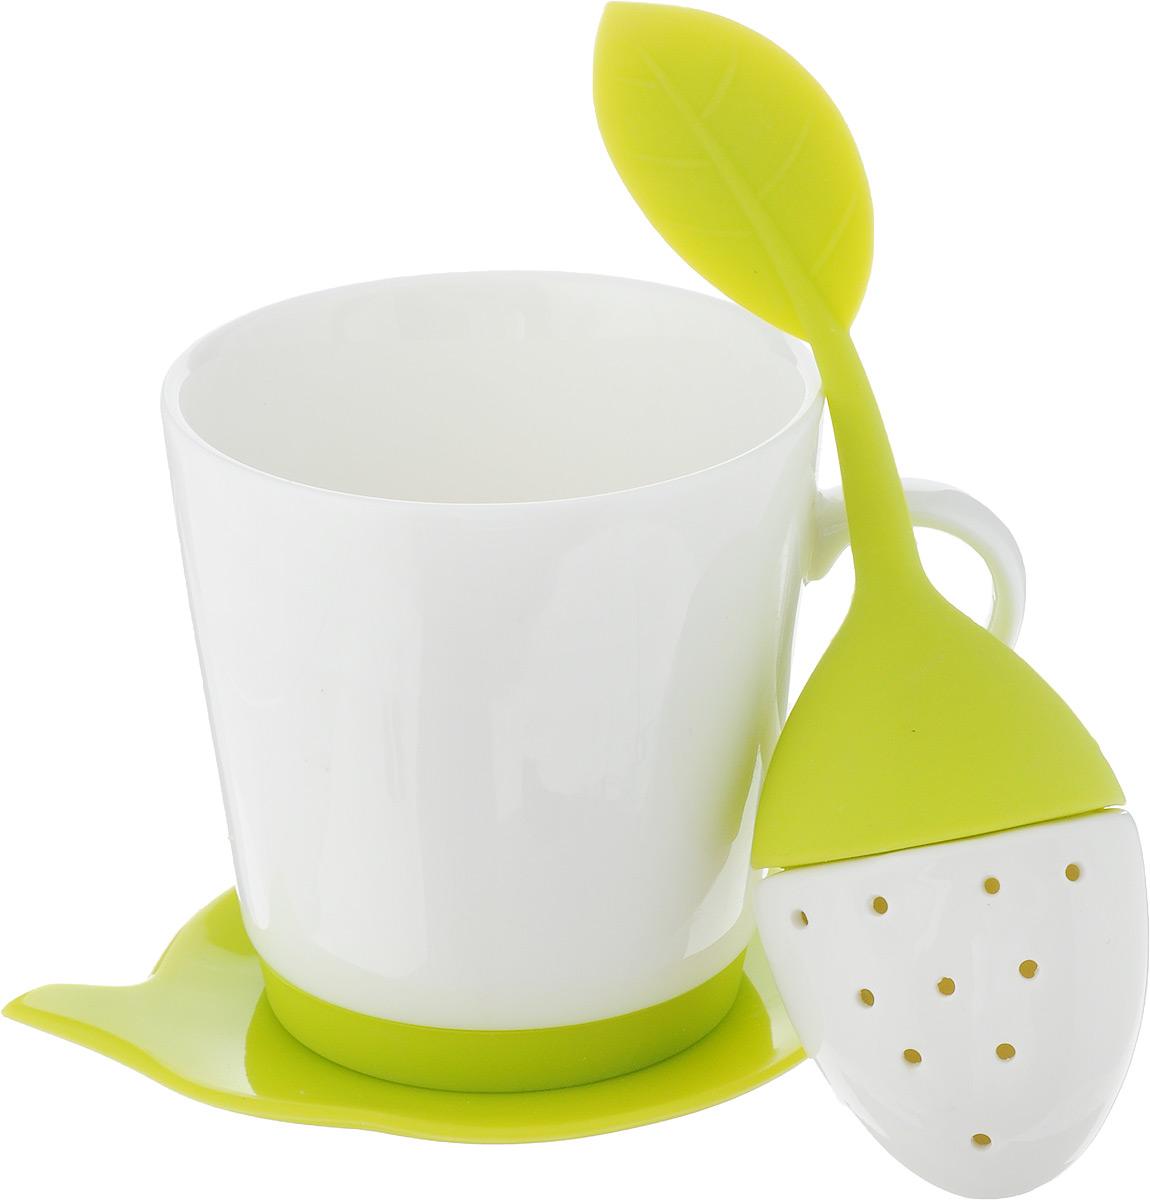 Набор чайный Oursson, цвет: белый, салатовый, 3 предметаFS-91909Набор для чая Oursson состоит из кружки, ситечка и подставки для чайного пакетика. Ситечко и подставка выполнены из экологически чистого силикона в форме ягодки и чайника. Кружка выполнена из высококачественной керамики с глазурованным покрытием. Основание кружки дополнено силиконовой вставкой. Такой чайный набор прекрасно оформит сервировку стола к чаепитию. Можно мыть в посудомоечной машине и использовать в СВЧ-печи. Объем кружки: 200 мл. Диаметр кружки (по верхнему краю): 8 см. Высота кружки: 8,5 см. Размер подставки: 12,5 х 10,5 х 1 см. Размер ситечка: 17 х 5,5 х 1,5 см.